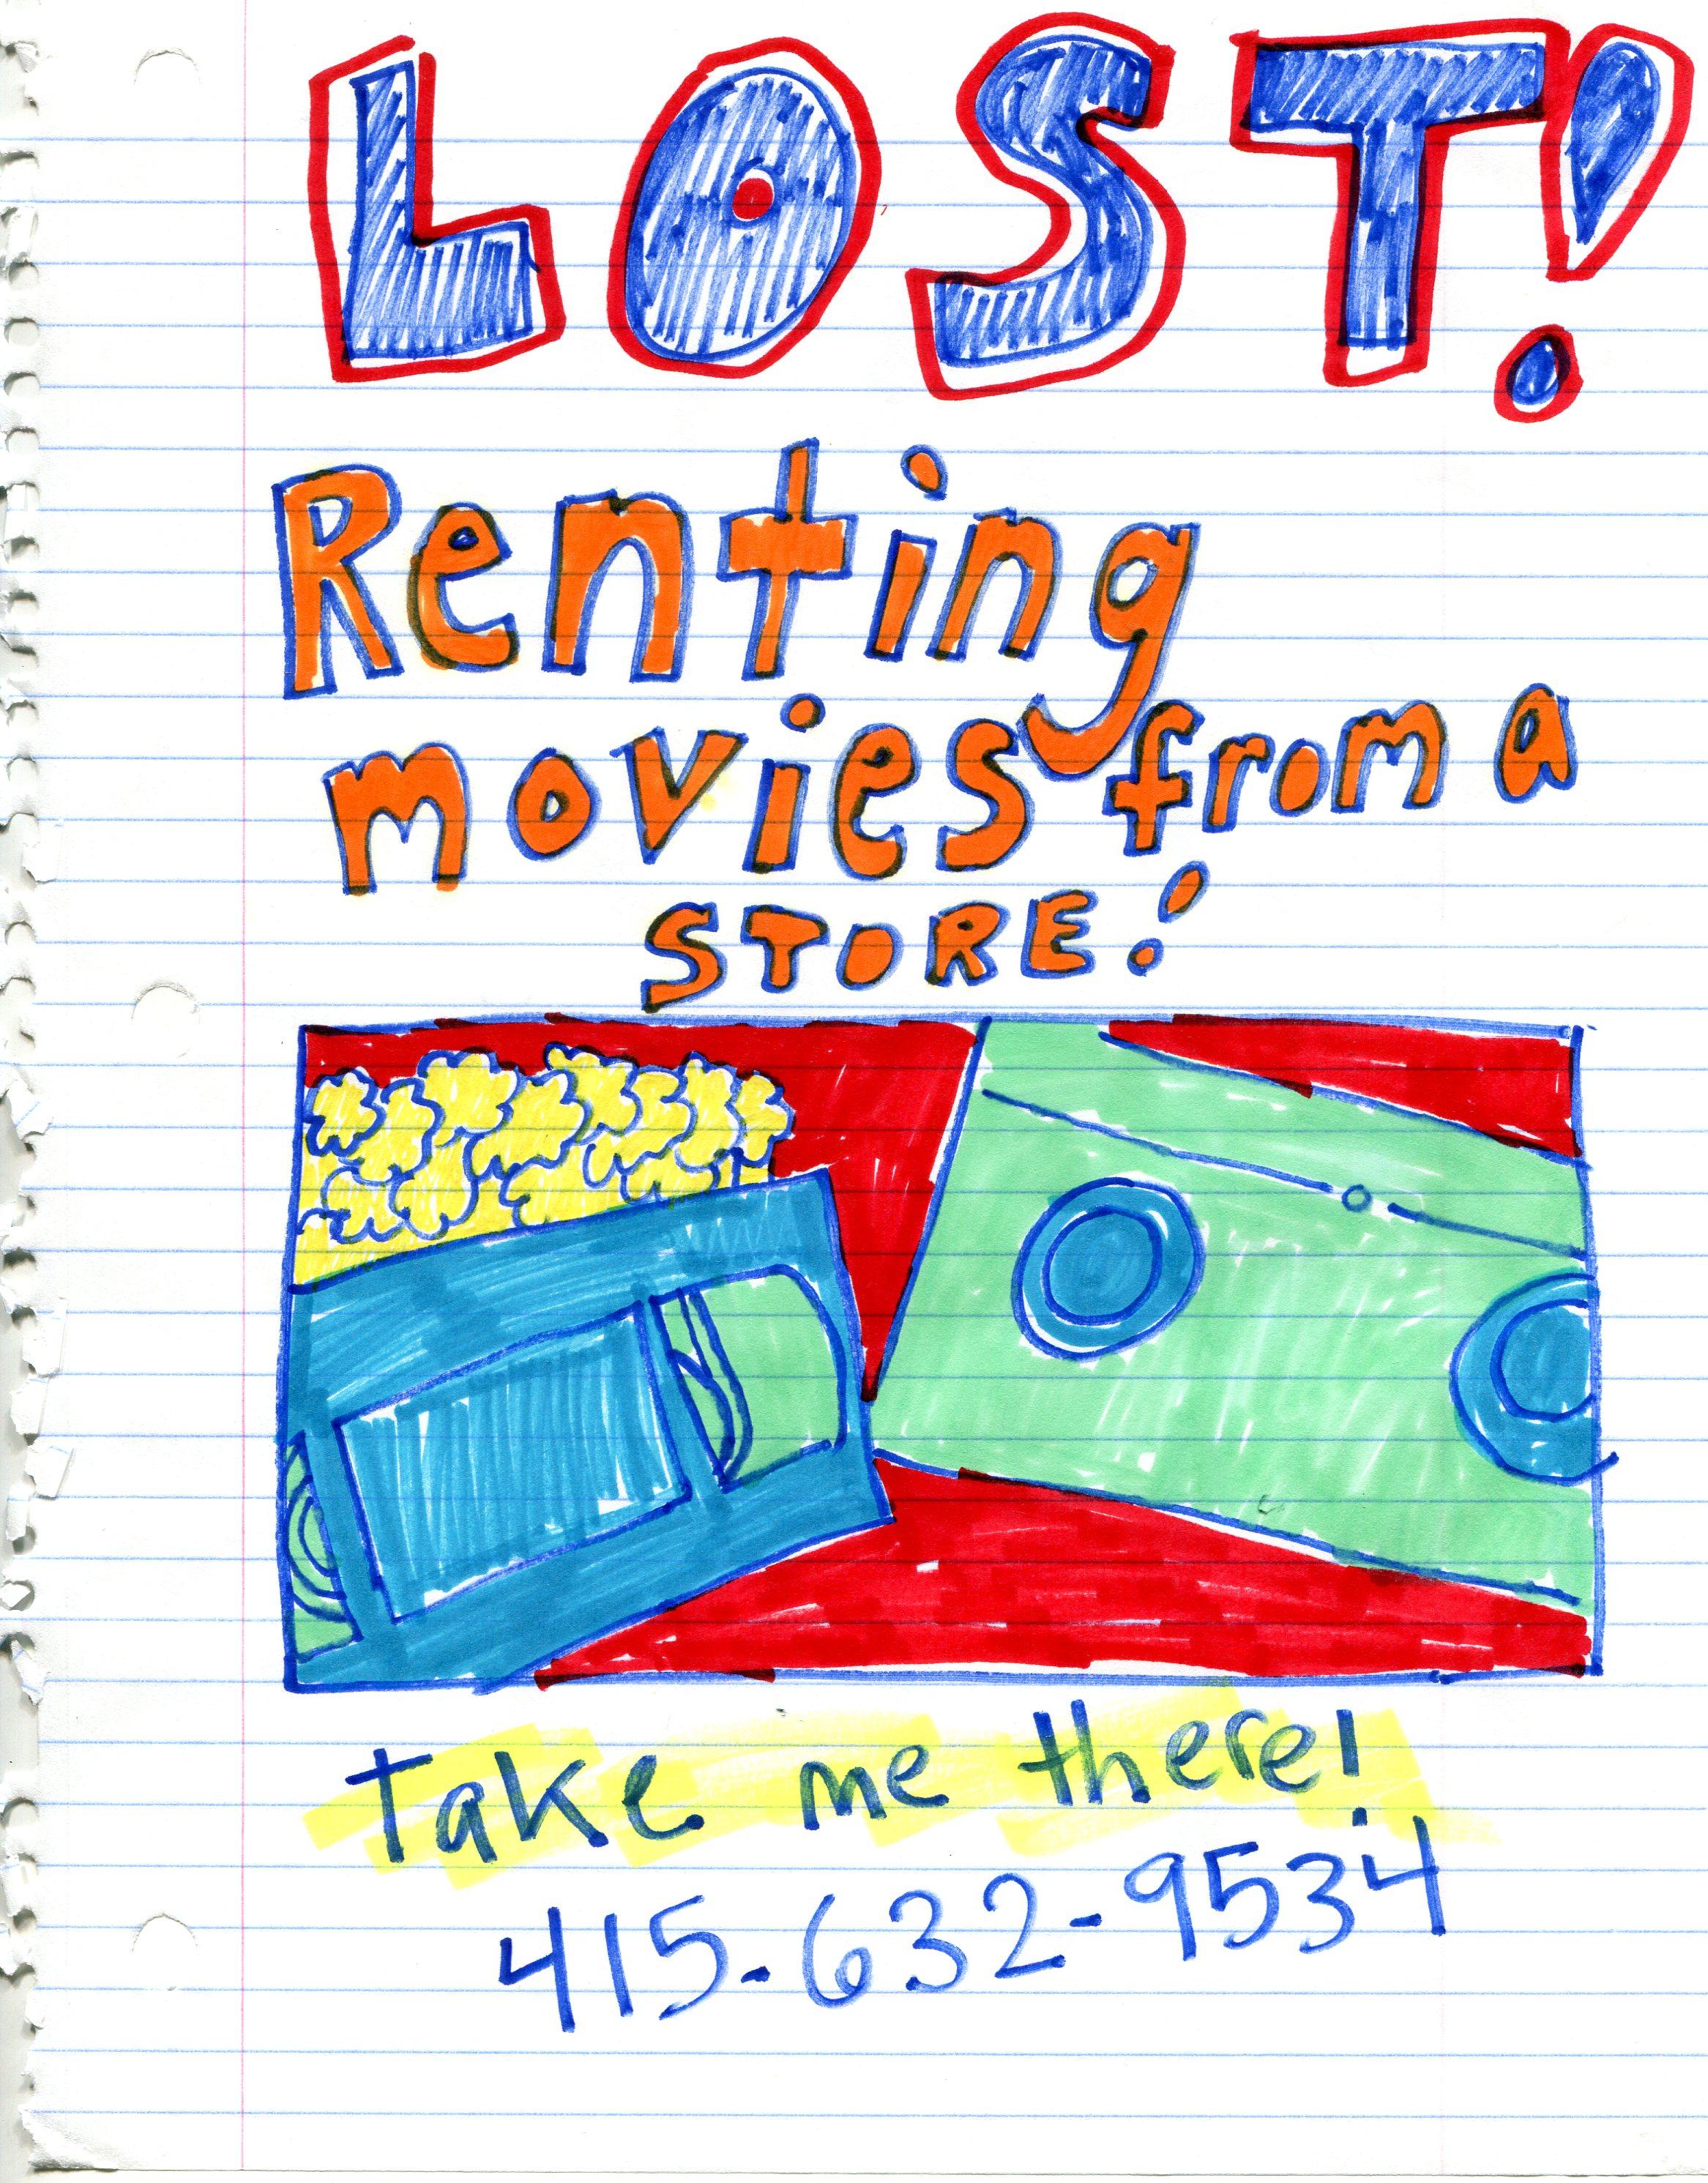 rentingmoviesstore.jpg